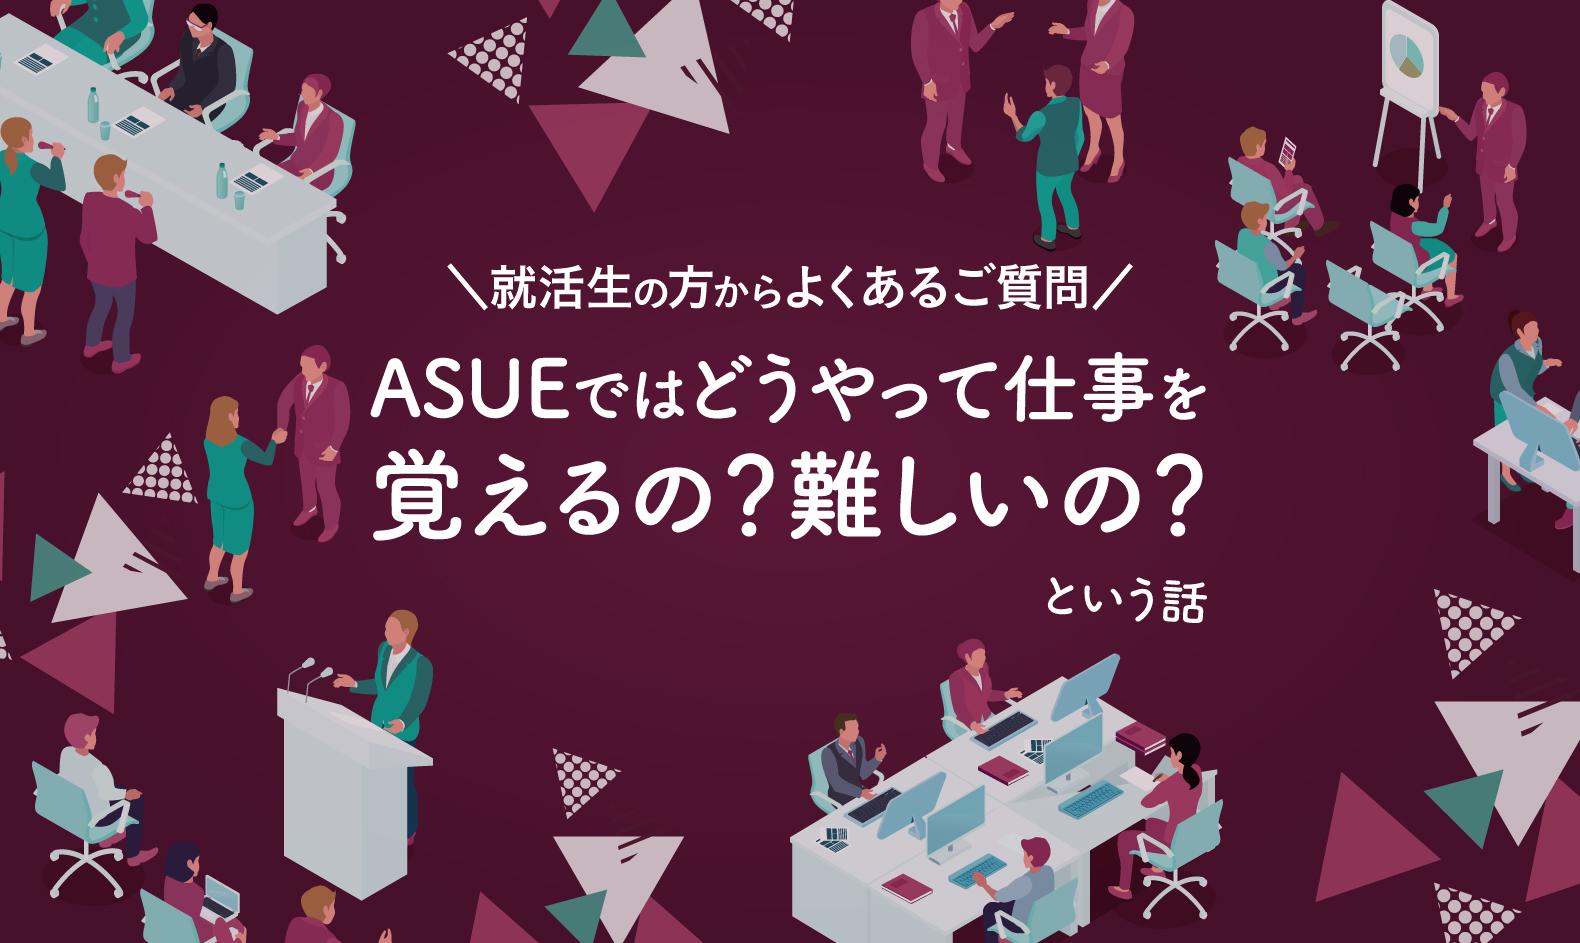 就活生の方からよくあるご質問――「ASUEではどうやって仕事を覚えるの?難しいの?」という話